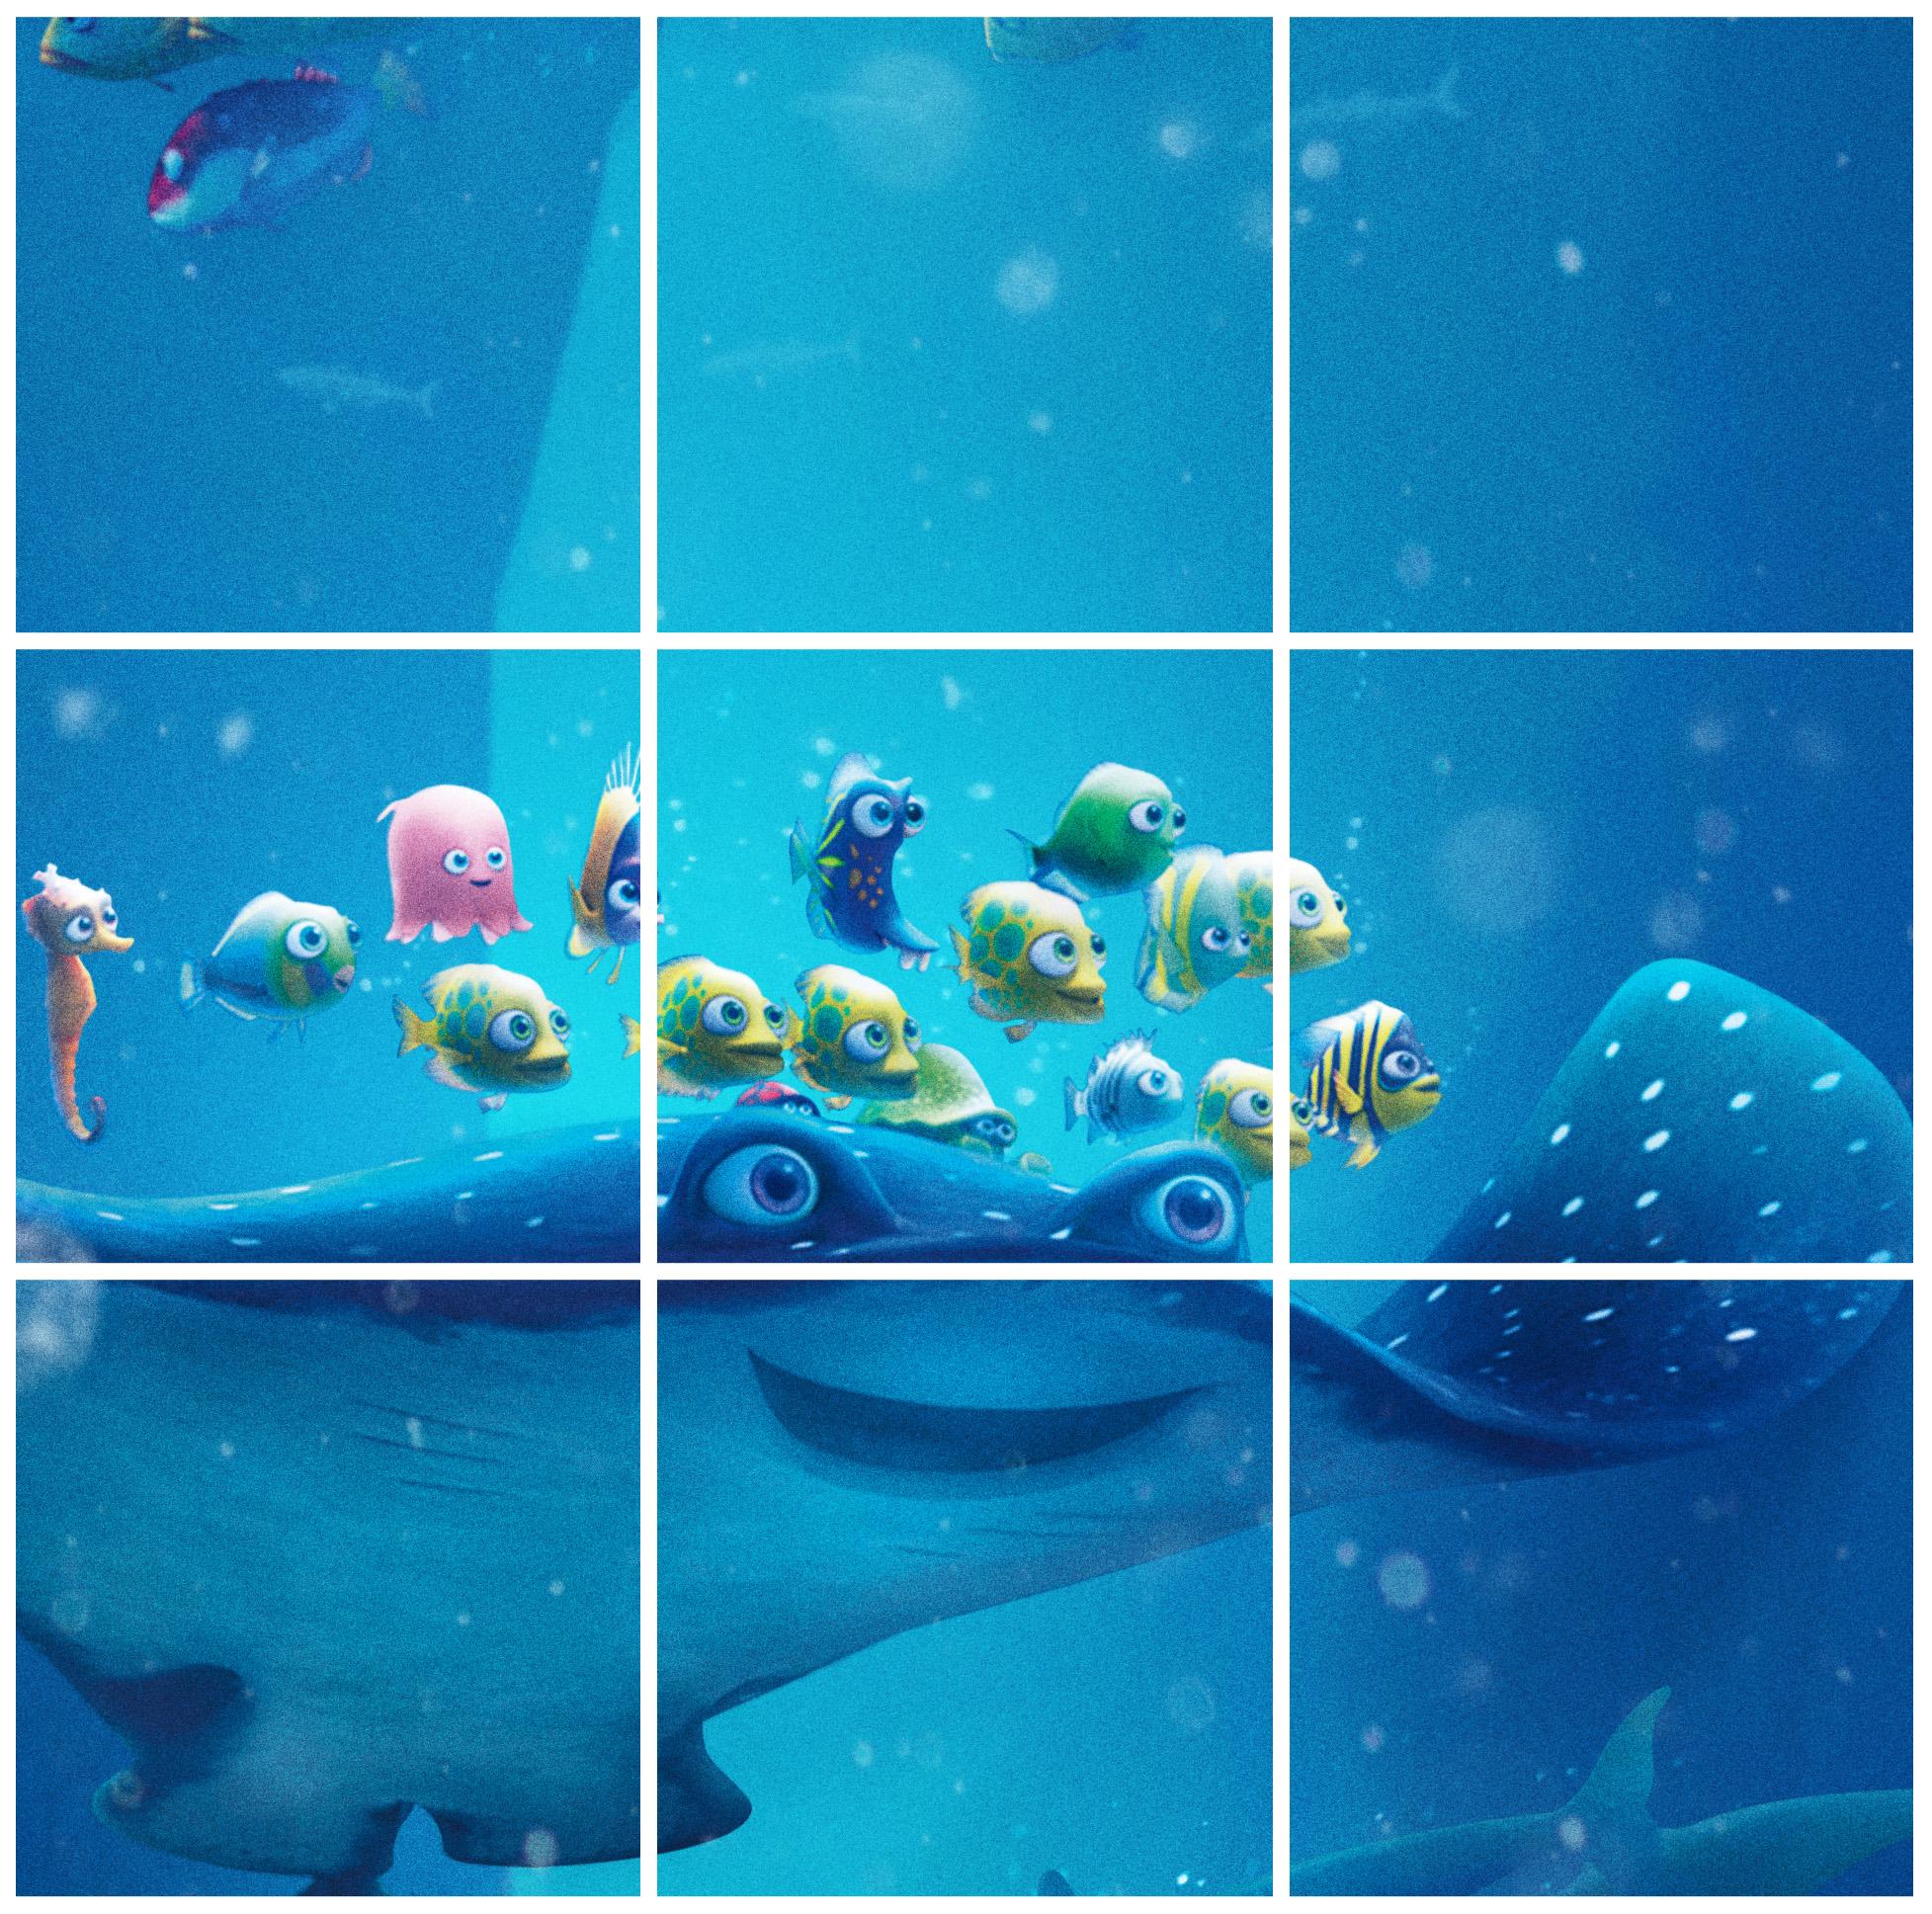 keepdoryswimming